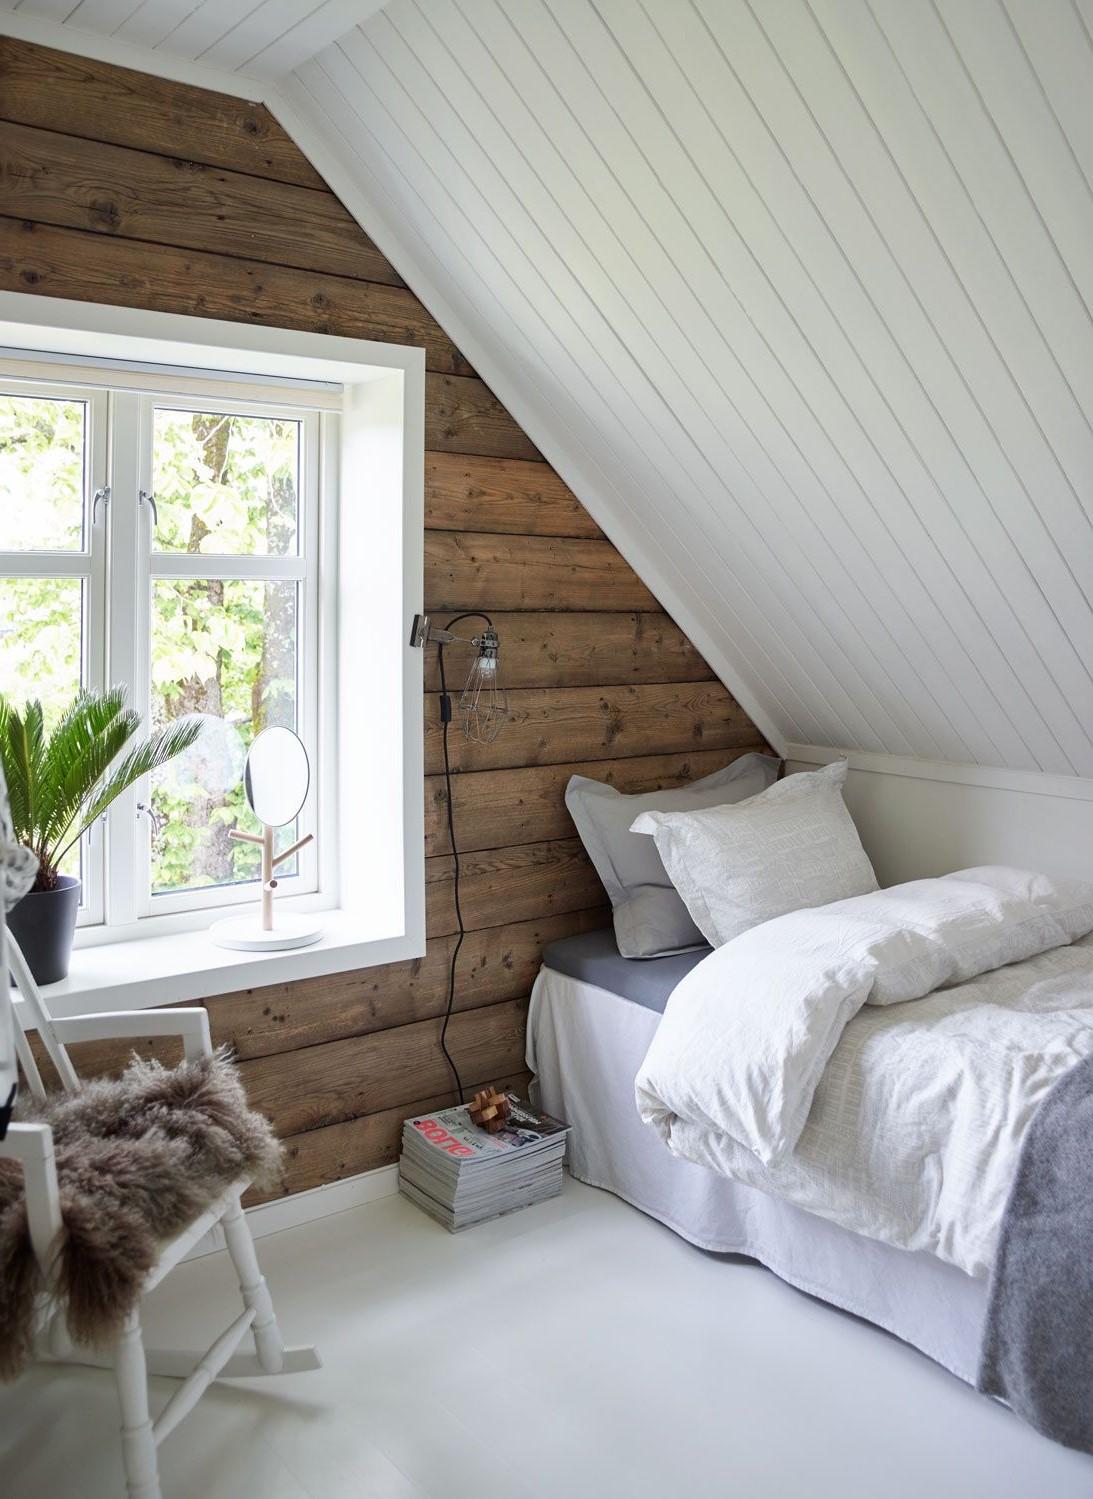 Avec les lits alignés dans une rangée, la répétition crée une esthétique unique.